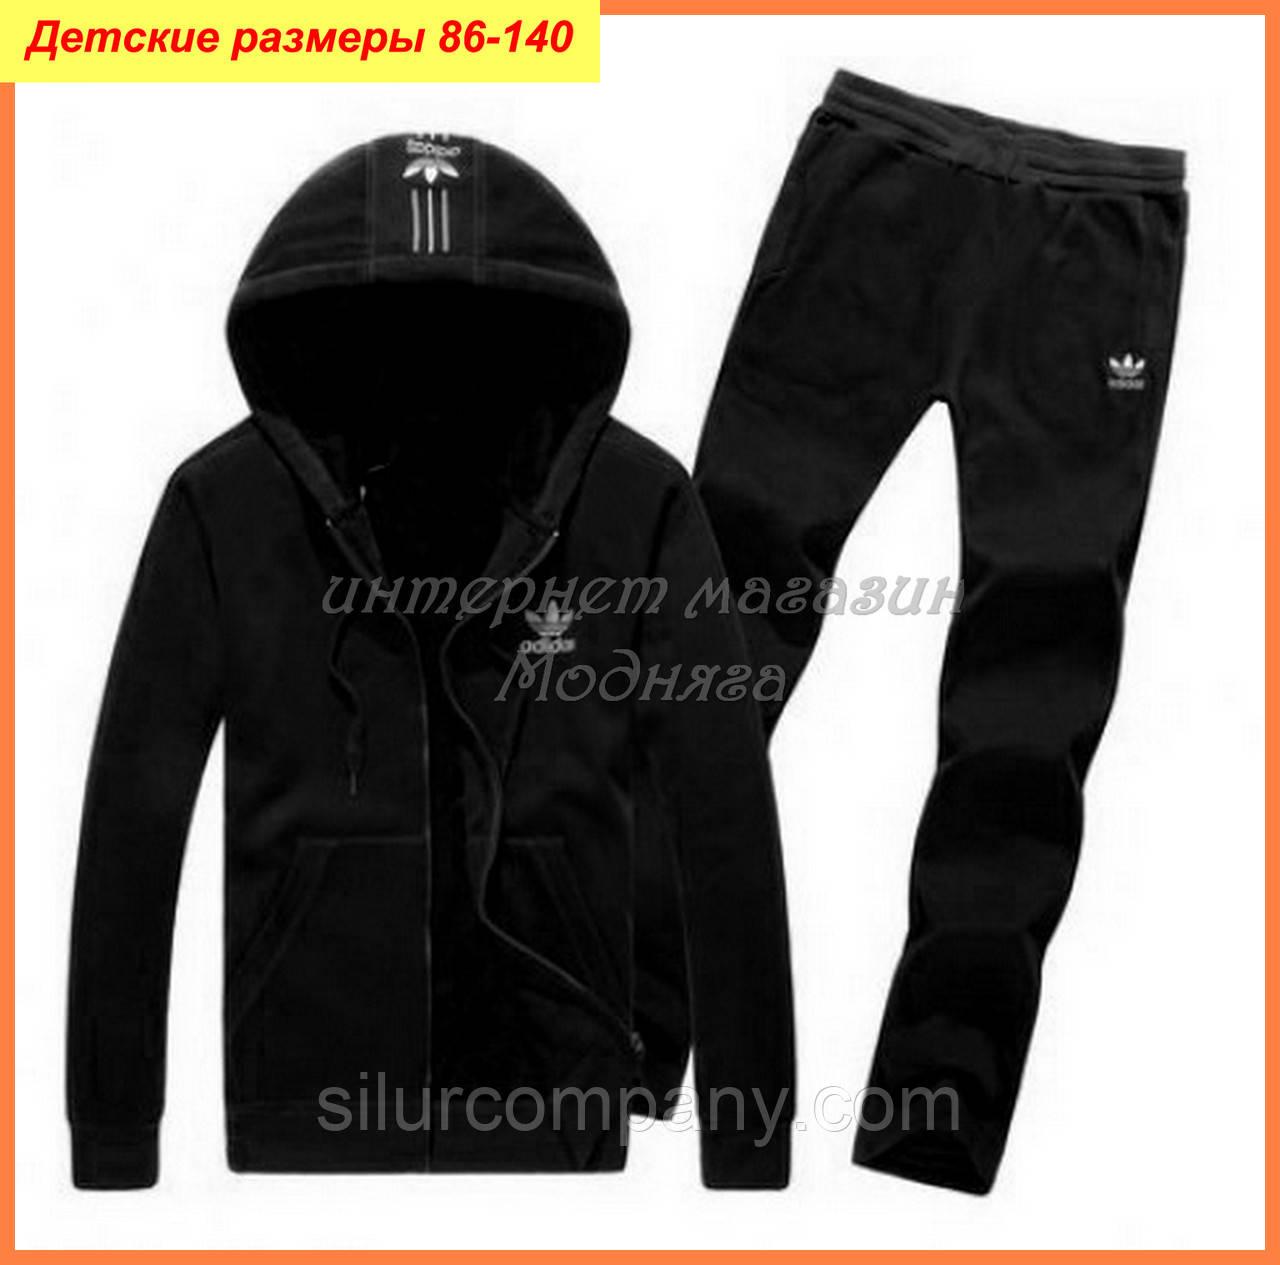 Детская спортивная одежда   Недорого в магазине детской одежды, фото 1 -5%  Скидка e5edcf7fc9f